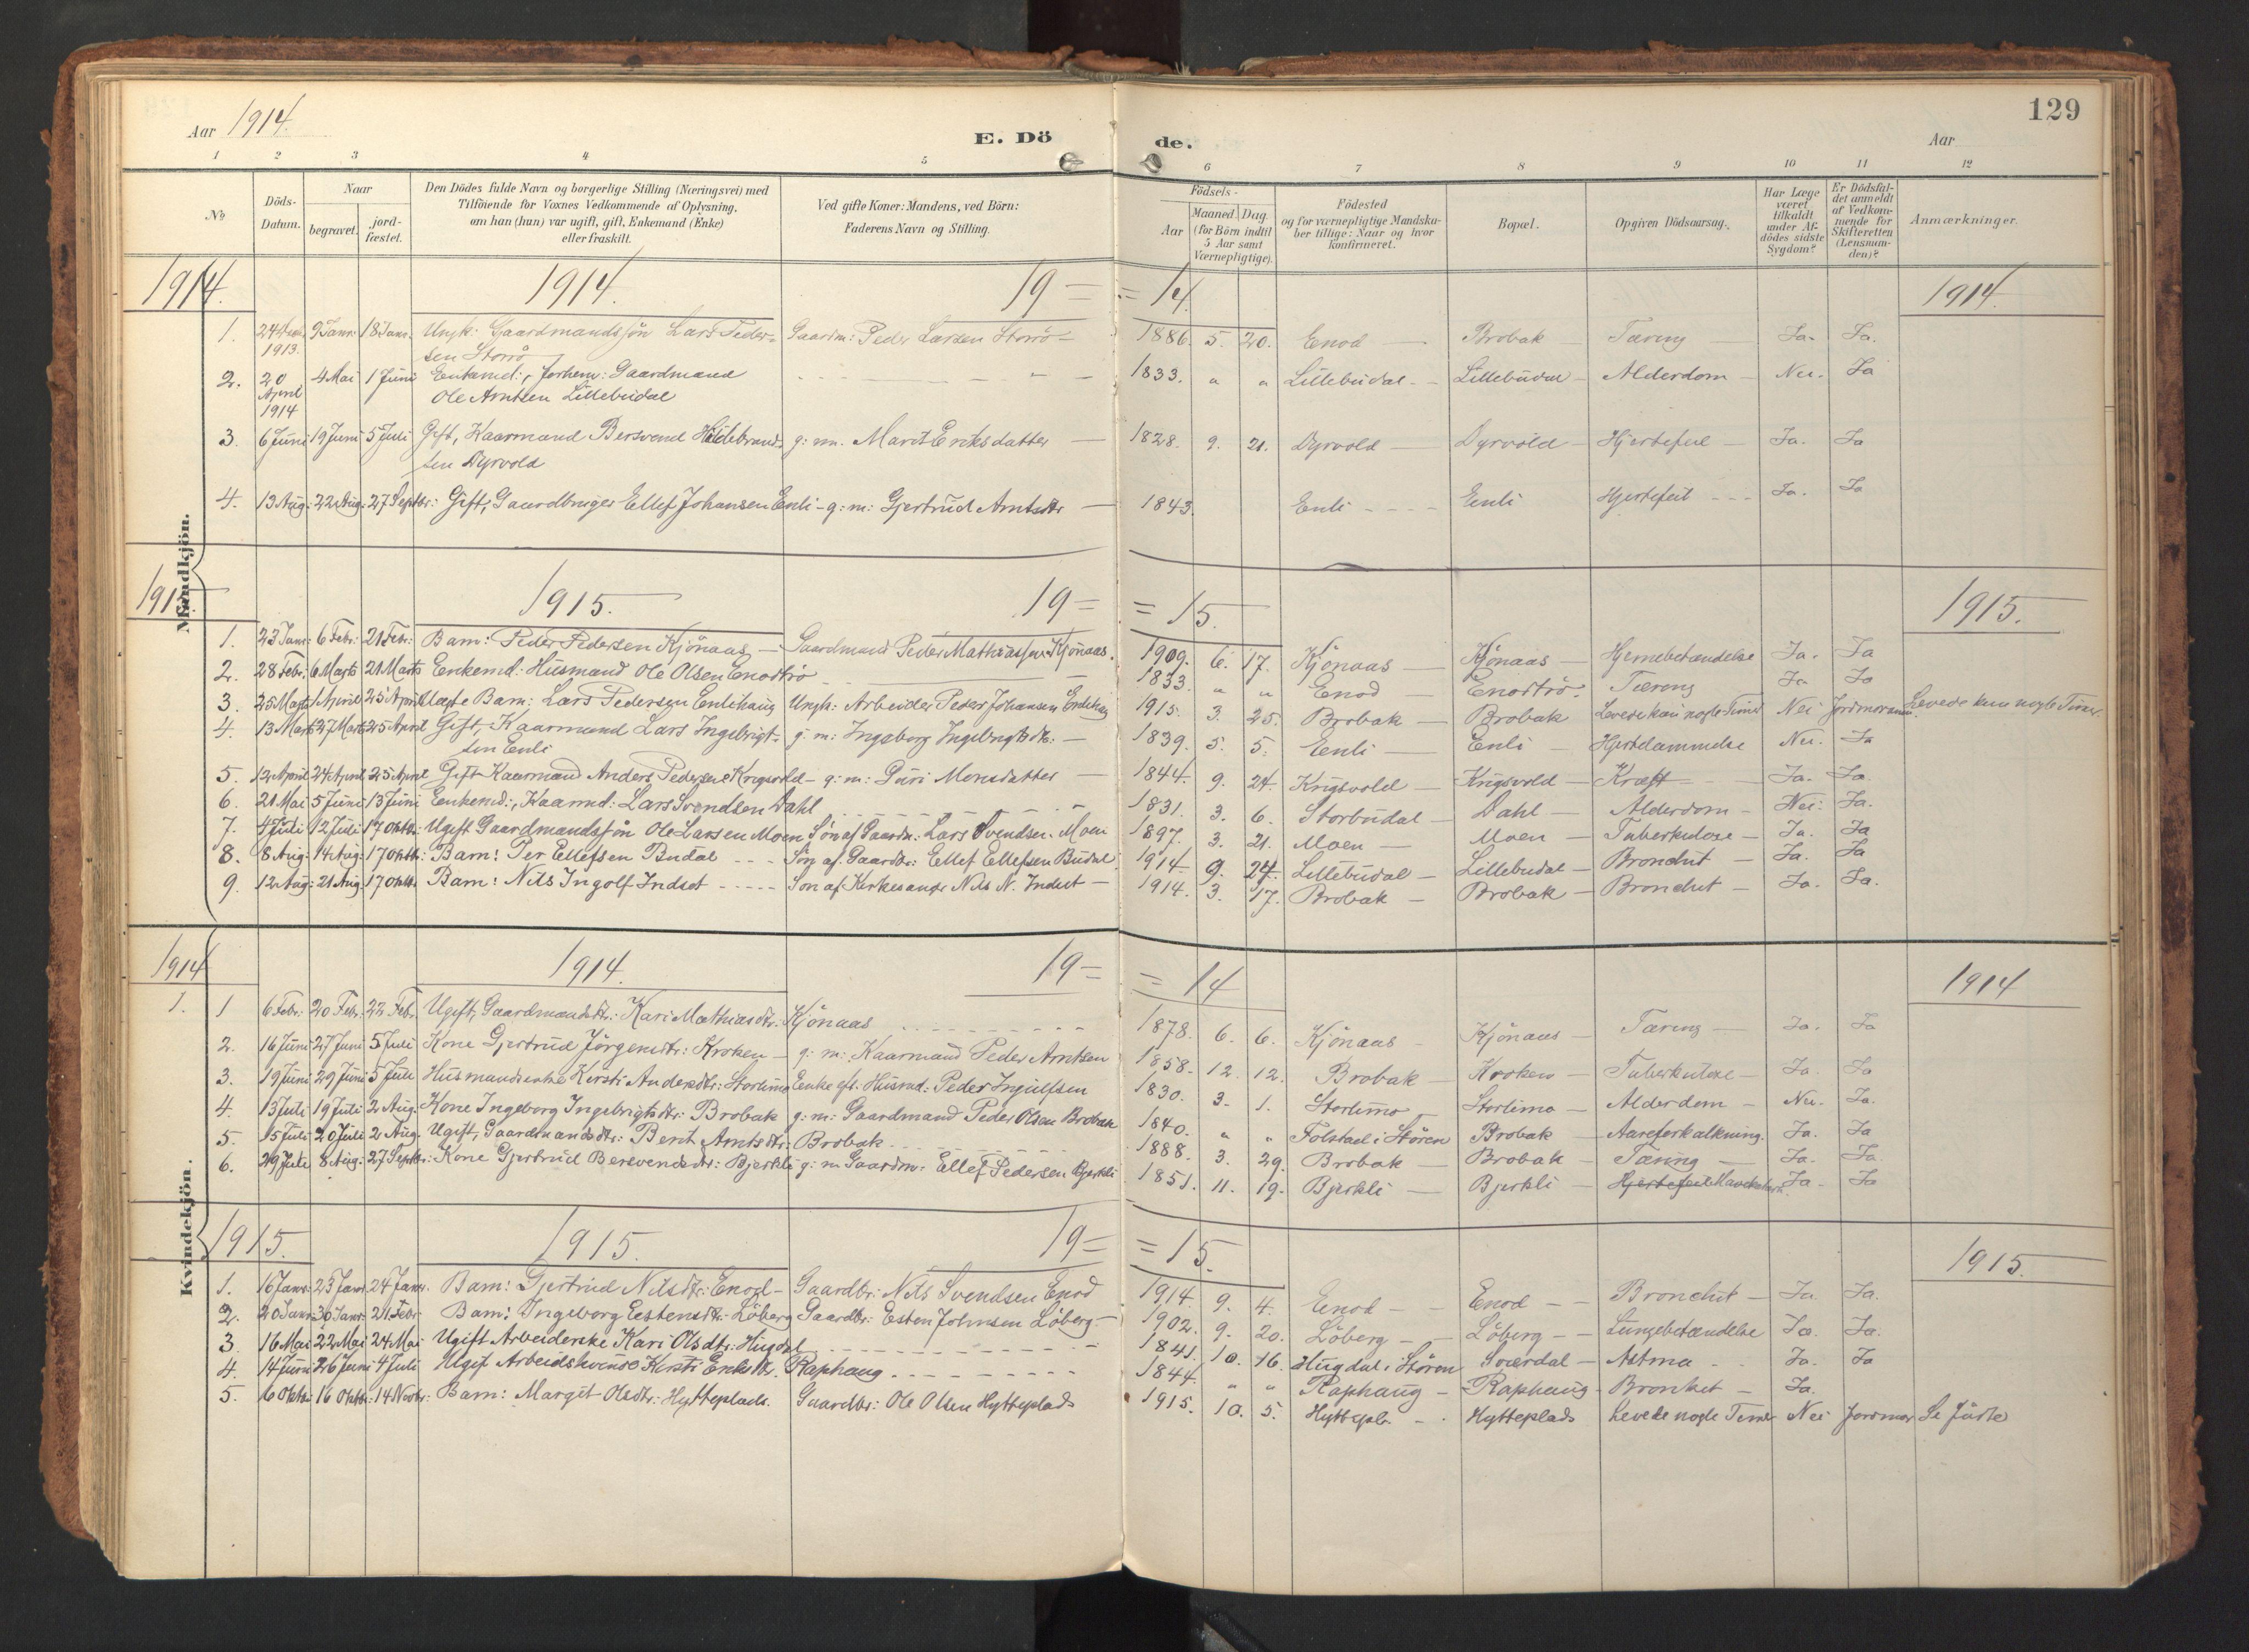 SAT, Ministerialprotokoller, klokkerbøker og fødselsregistre - Sør-Trøndelag, 690/L1050: Ministerialbok nr. 690A01, 1889-1929, s. 129